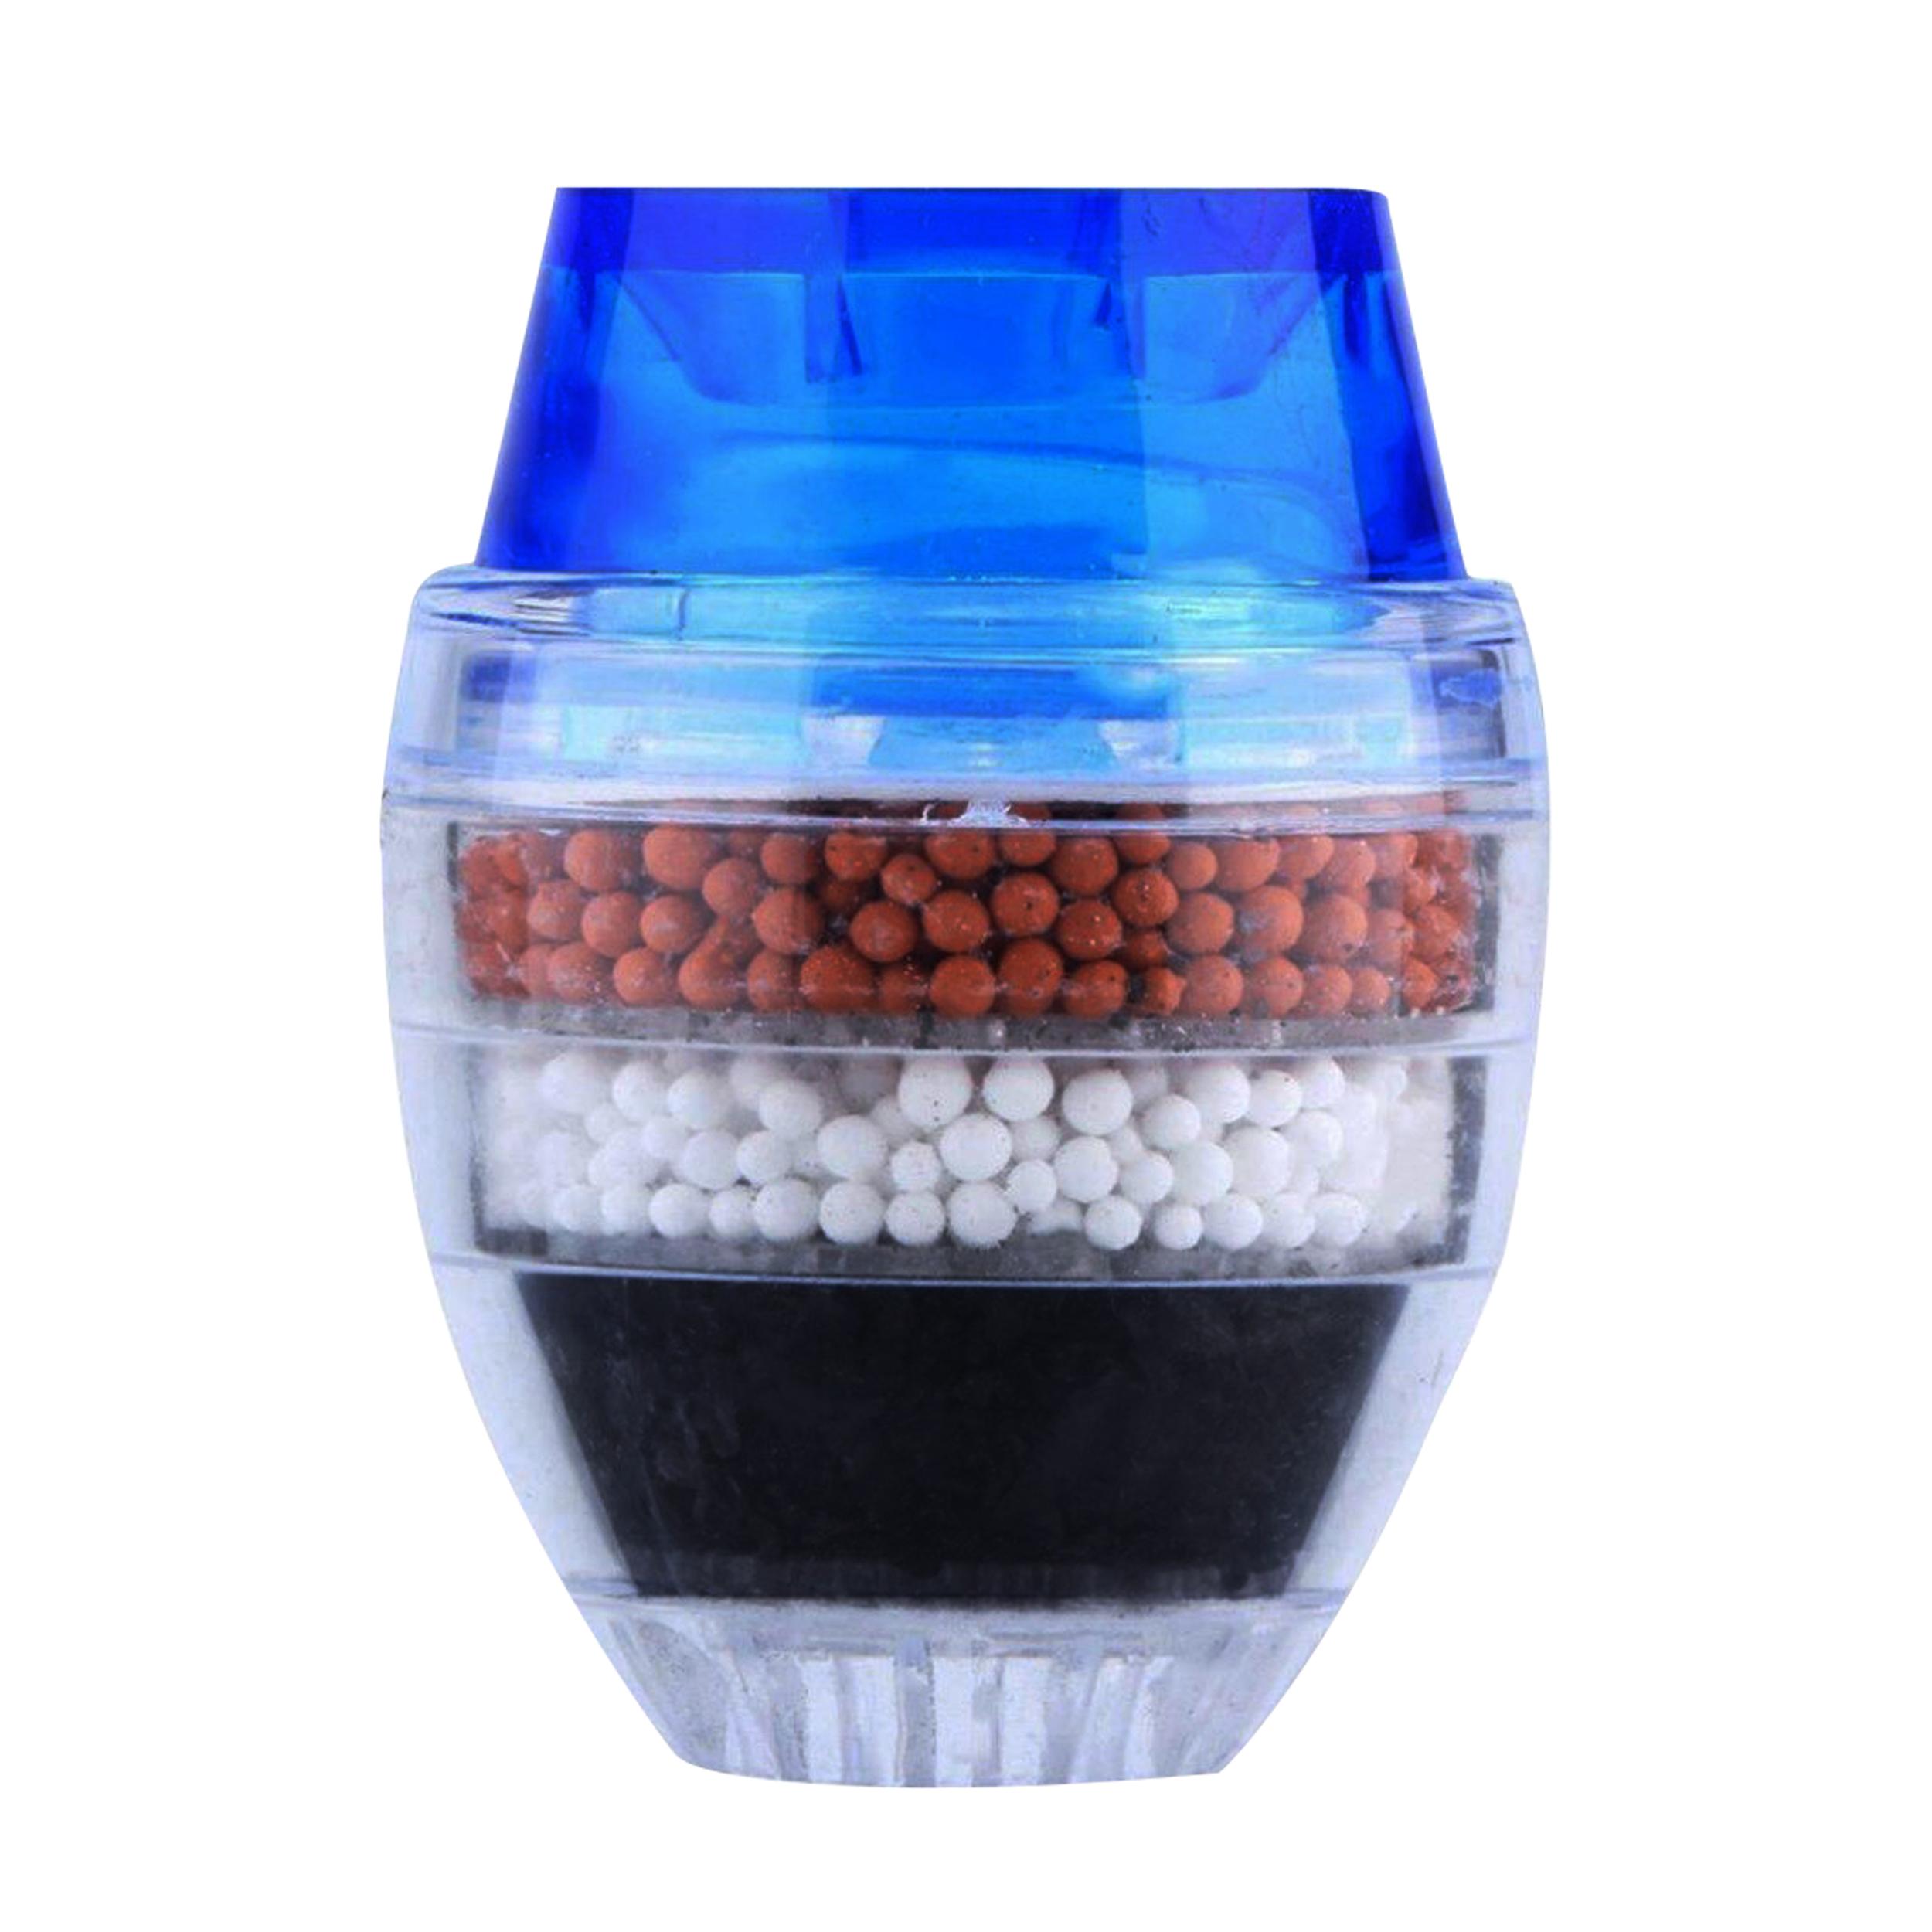 قیمت                      فیلتر تصفیه کننده آب کد 3485